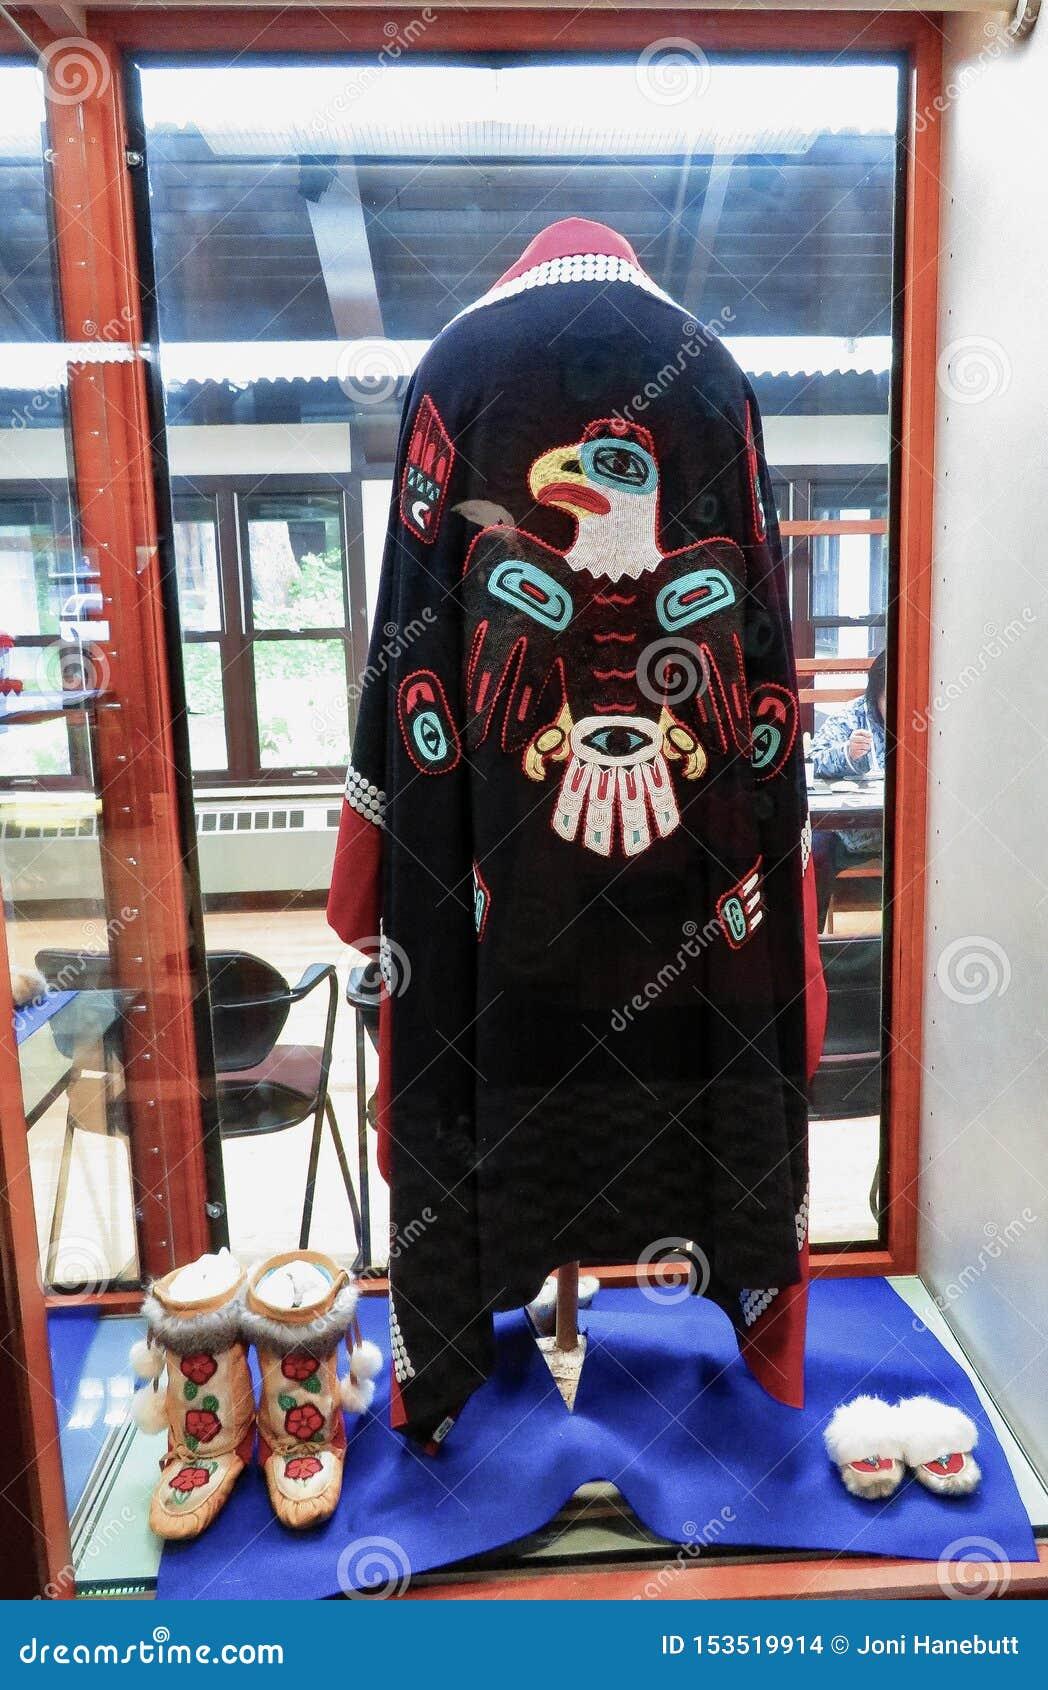 Kappa, häftklammermatare och kängor för alaskabo indian stam-